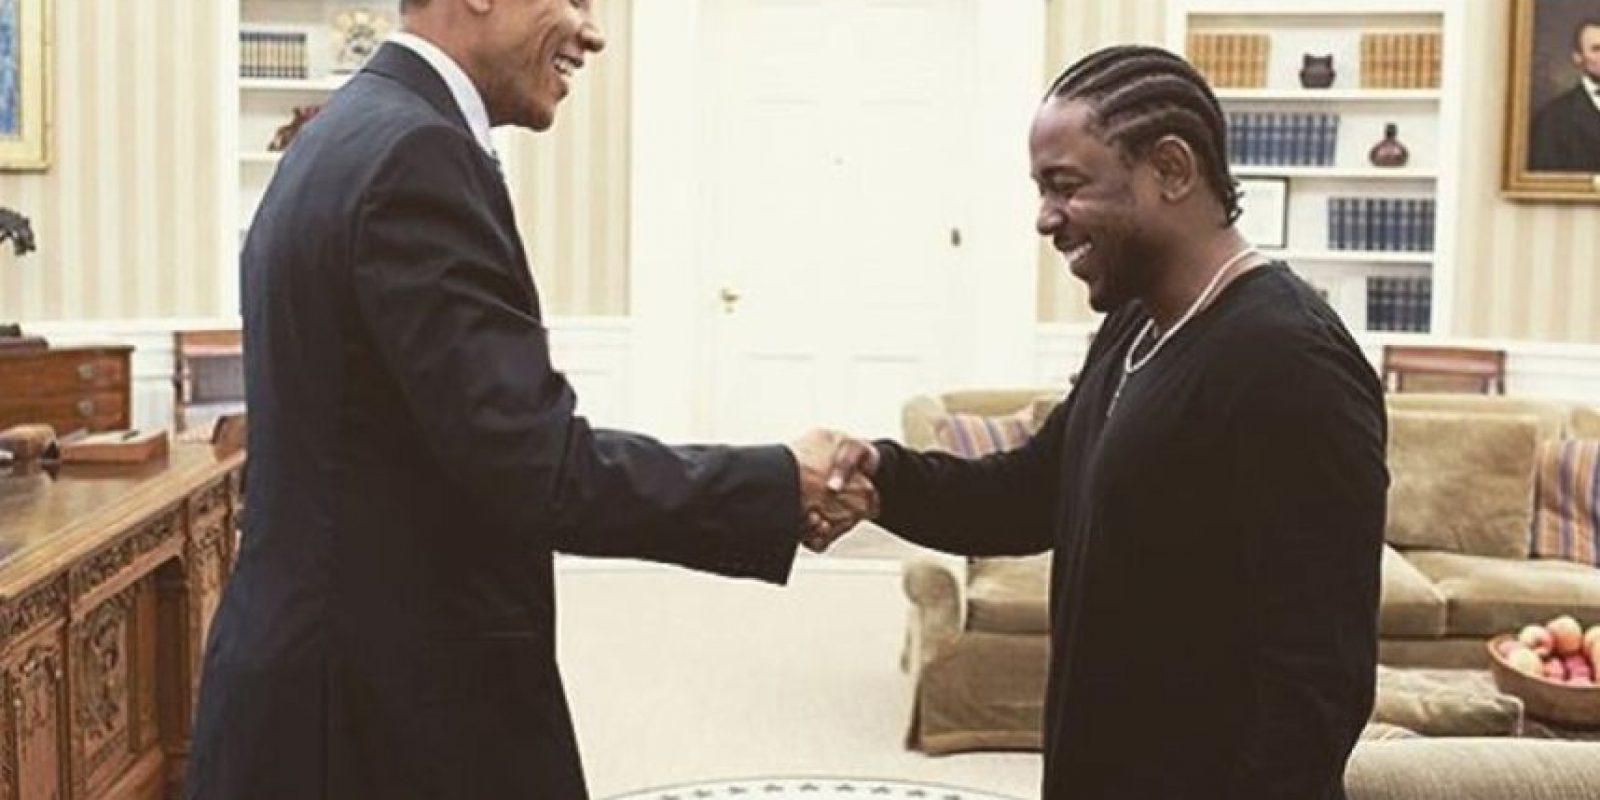 EL también rapero Kendrick Lamar, todos han visitado la Casa Blanca. Foto:Vía Instagram